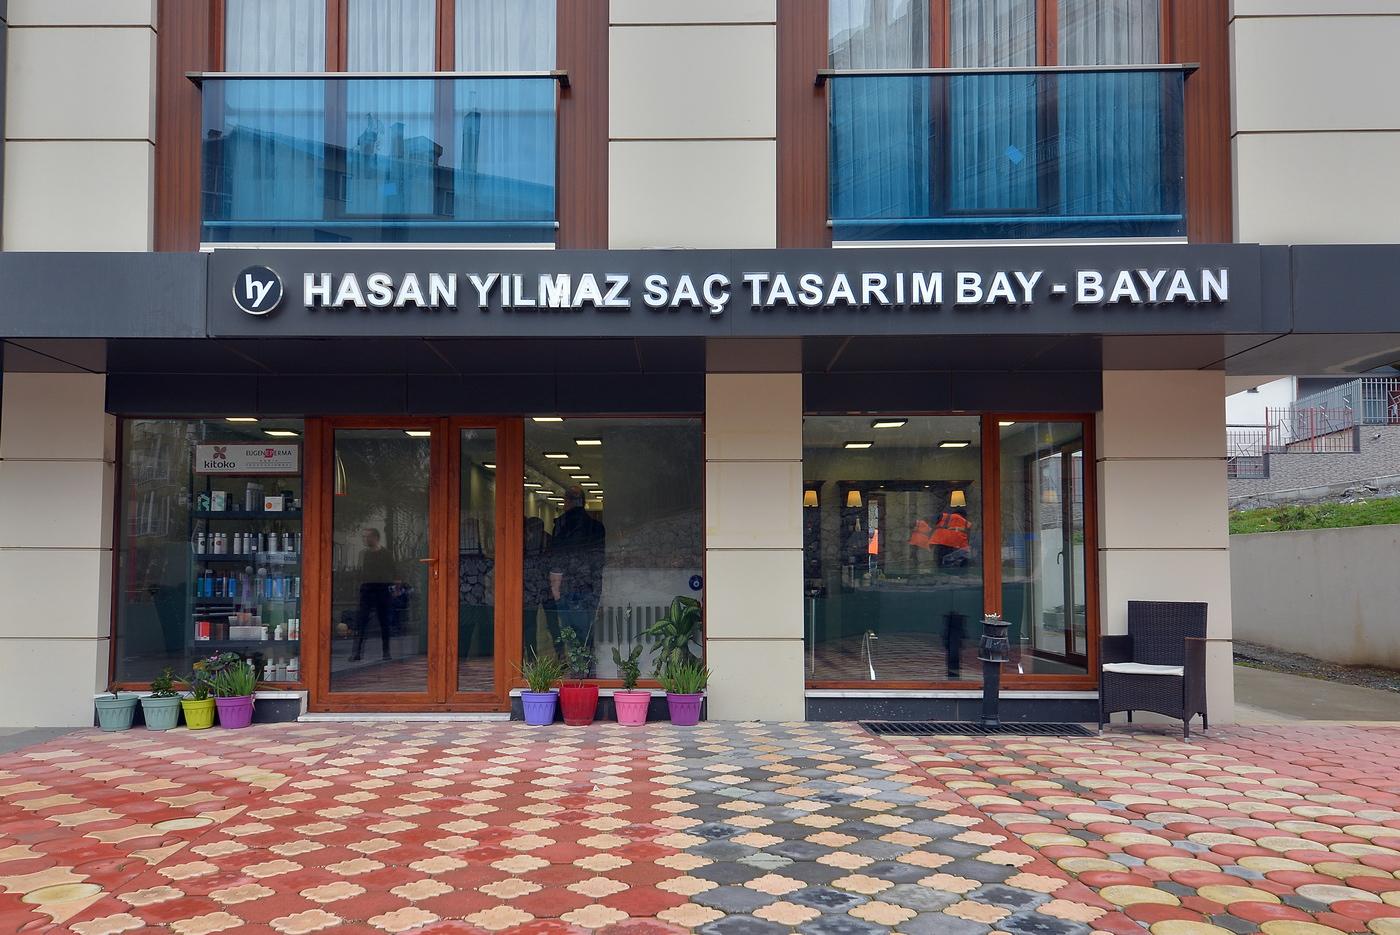 İstanbul - Hasan Yılmaz Saç Tasarım